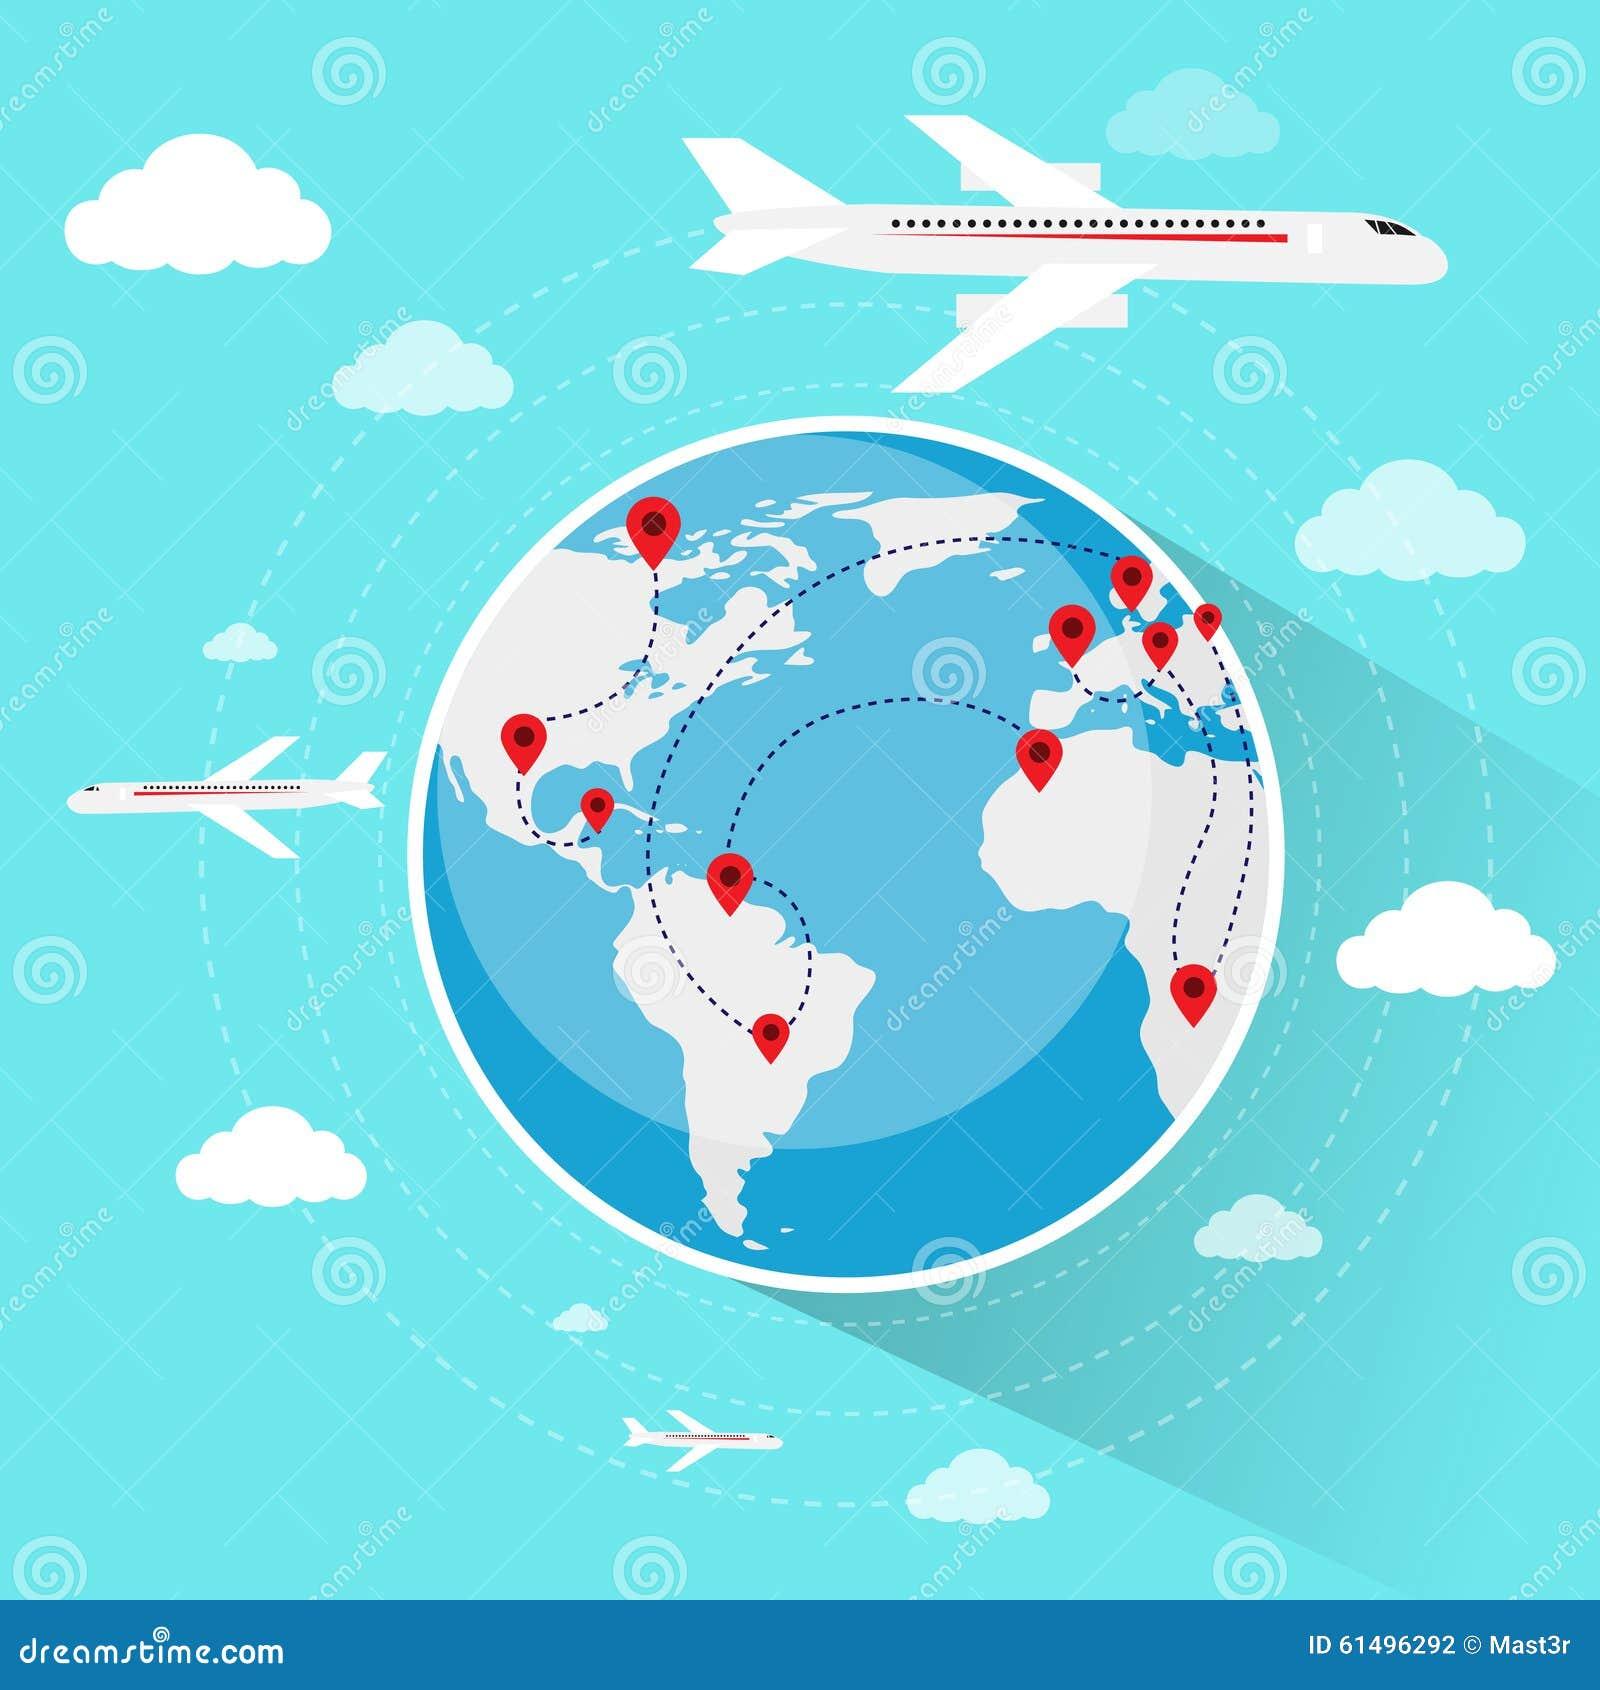 地球世界地图旅行假期旅行售票空中飞机飞行平的传染媒介例证.图片